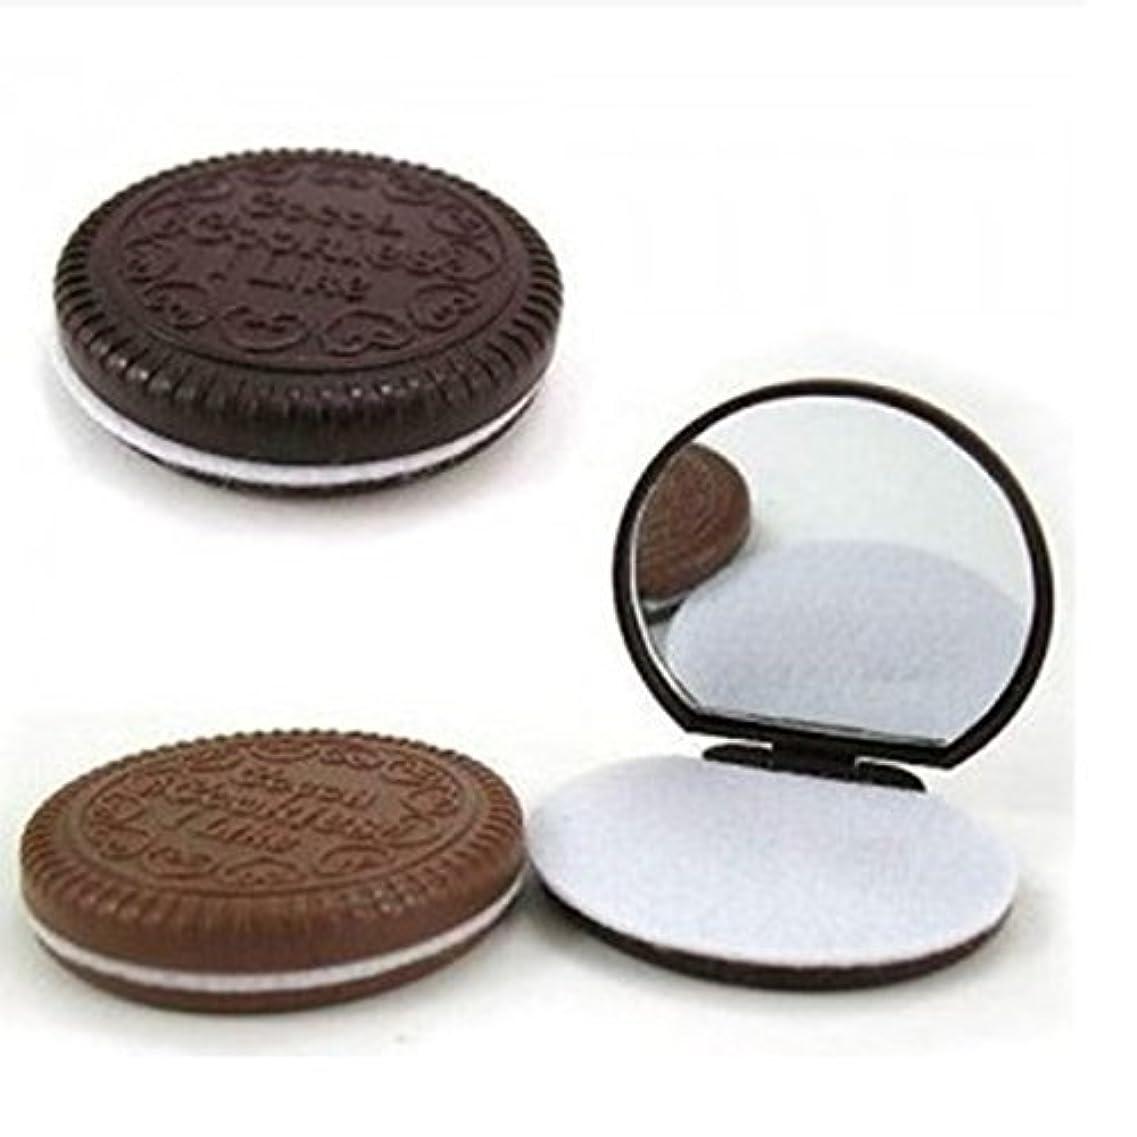 の面ではラベンダーオリエンタル3 Pcs Cute Chocolate Makeup Mirror With Comb Women Hand Pocket Compact Makeup Tools Great Gift [並行輸入品]